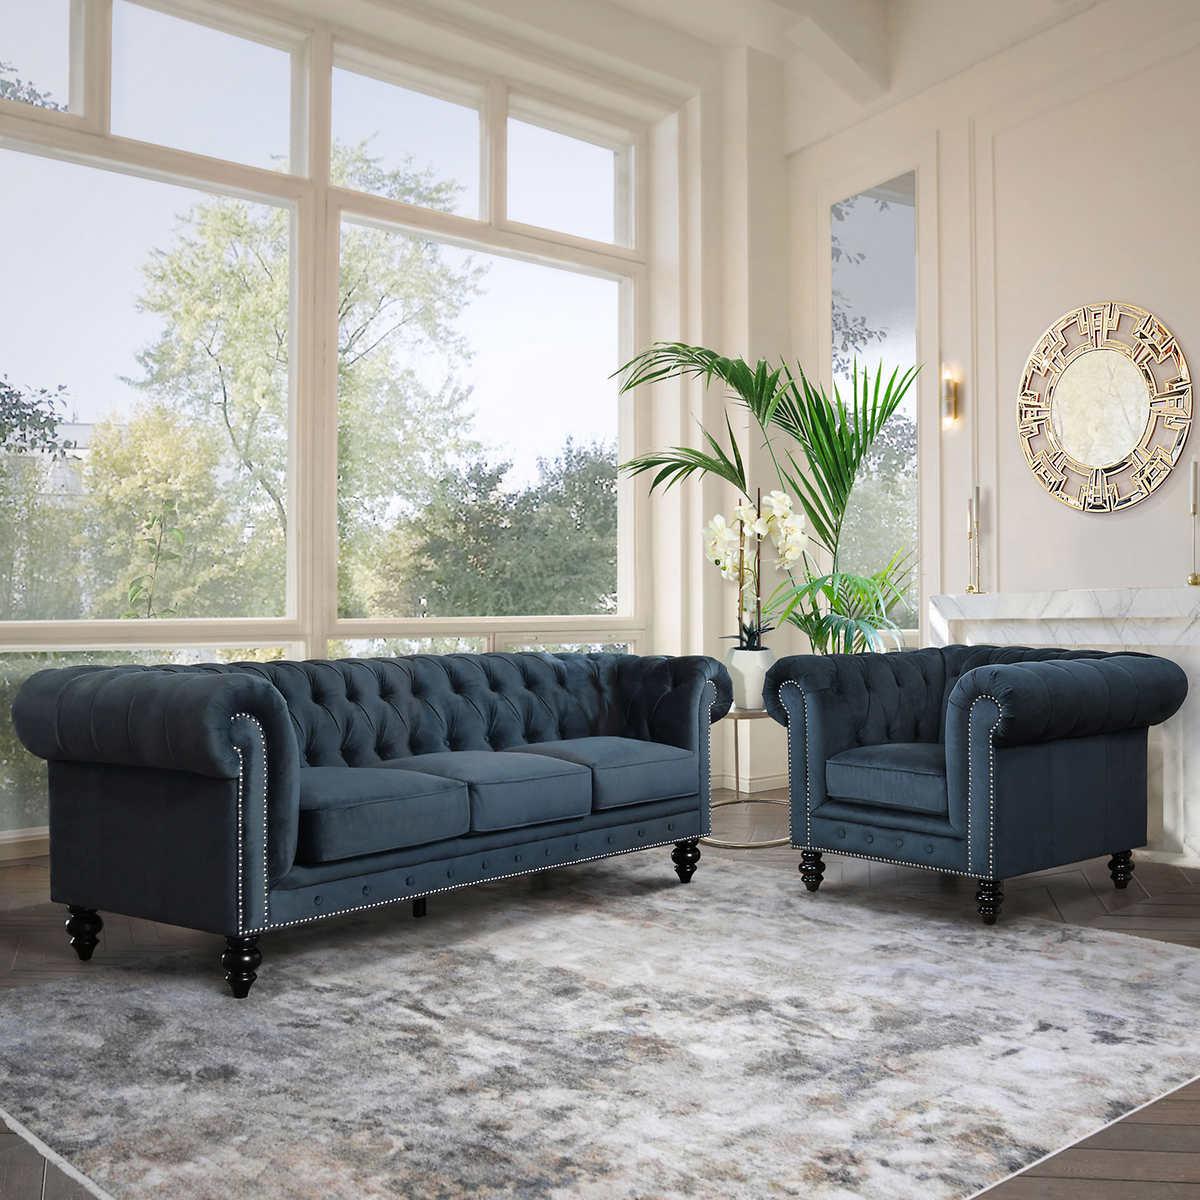 Lorelei 2 Piece Living Room Set Sofa, Two Piece Living Room Set